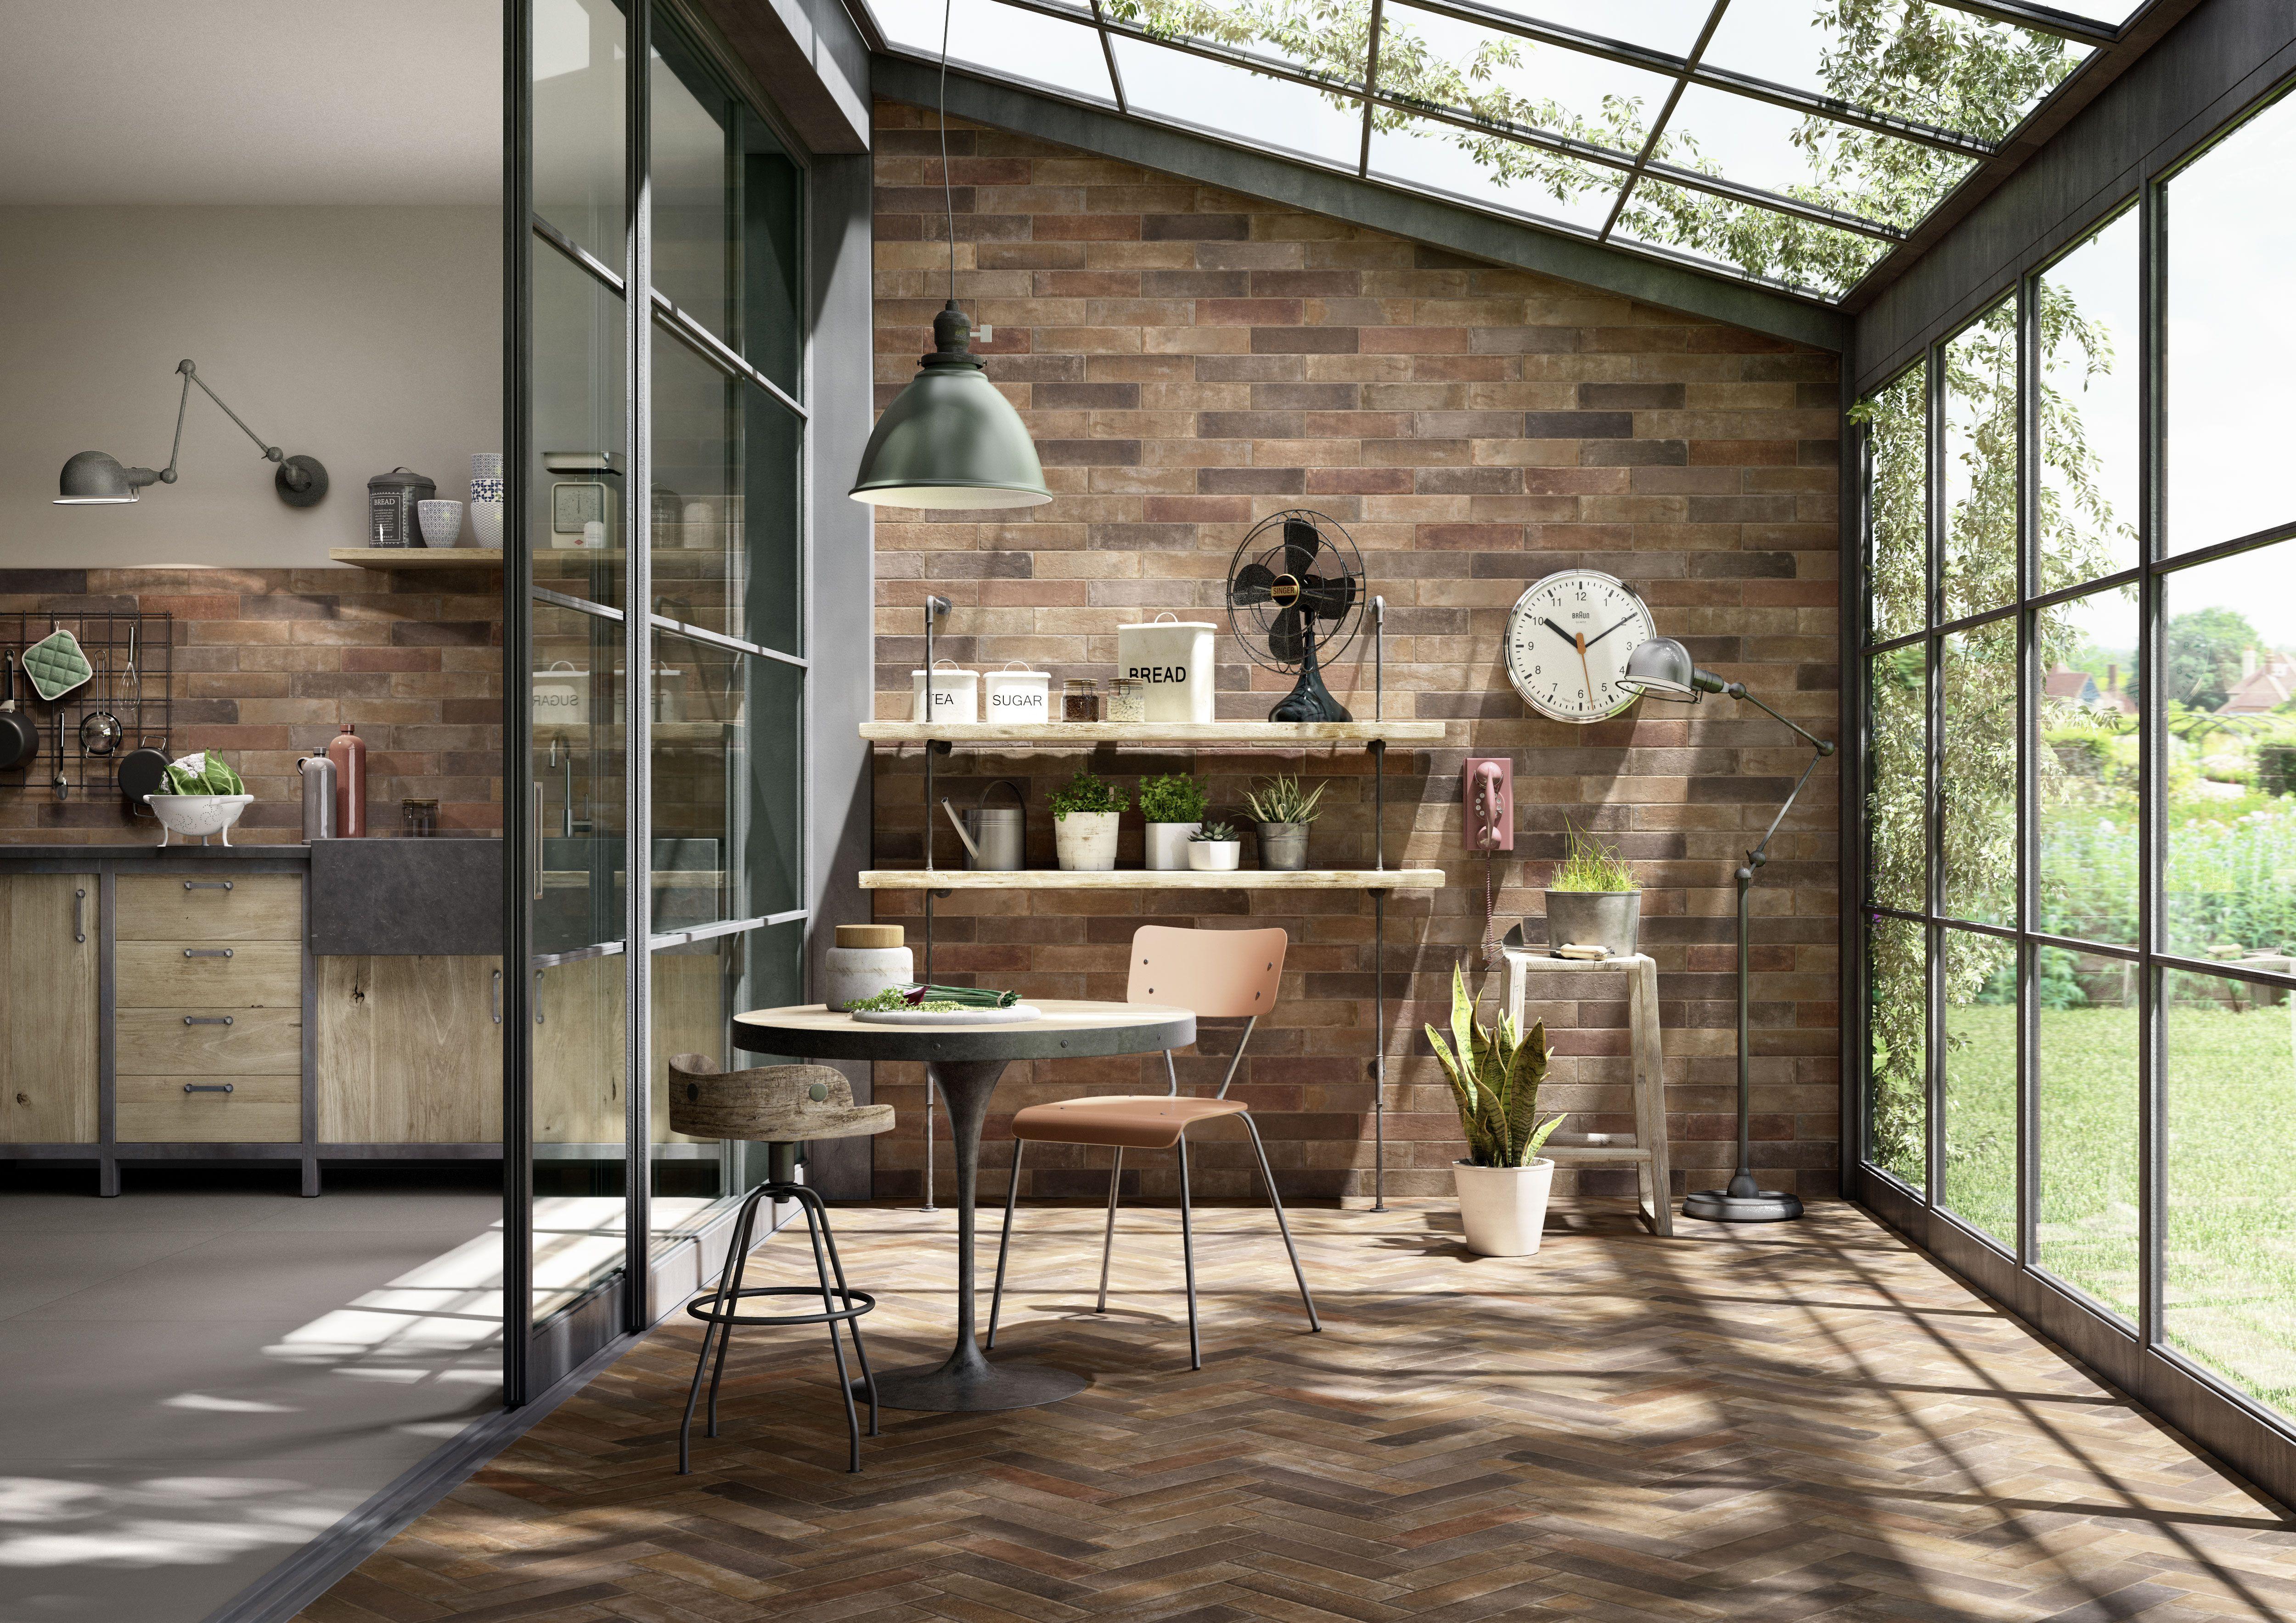 Terramix - Brick effect porcelain stoneware | Marazzi | Ceramica ...